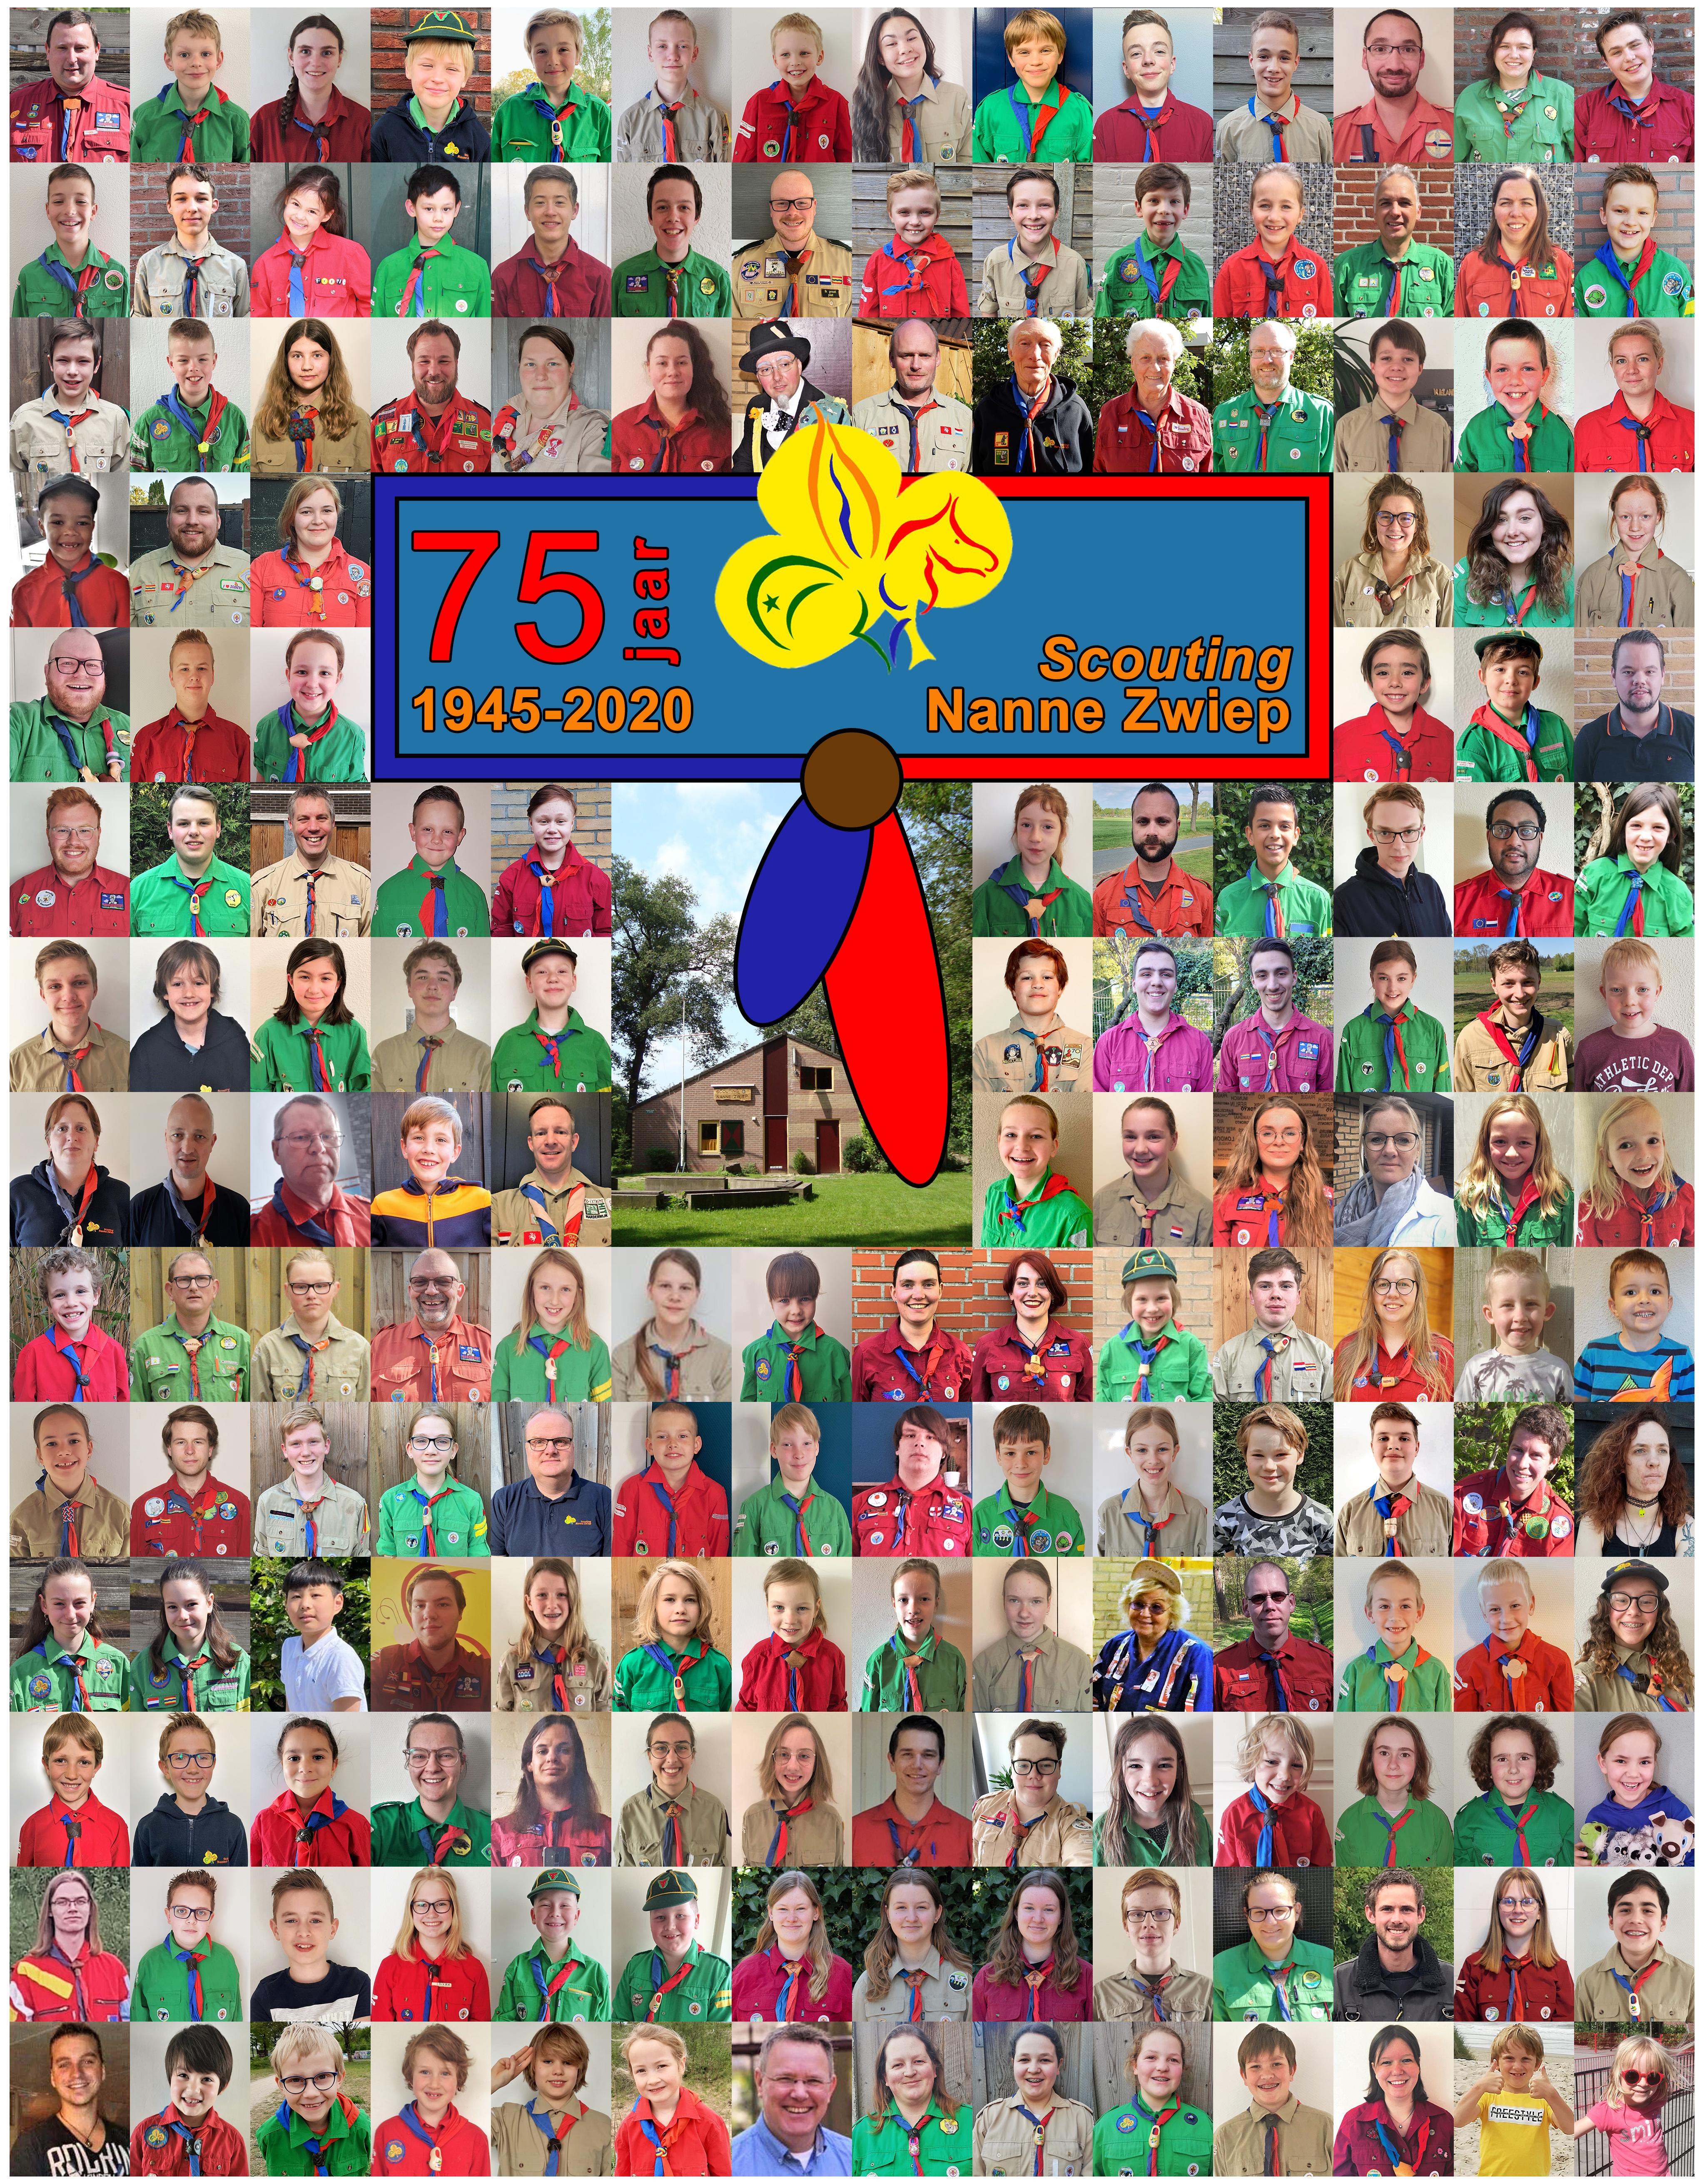 Jubileum groepsfoto 1 mei 2020